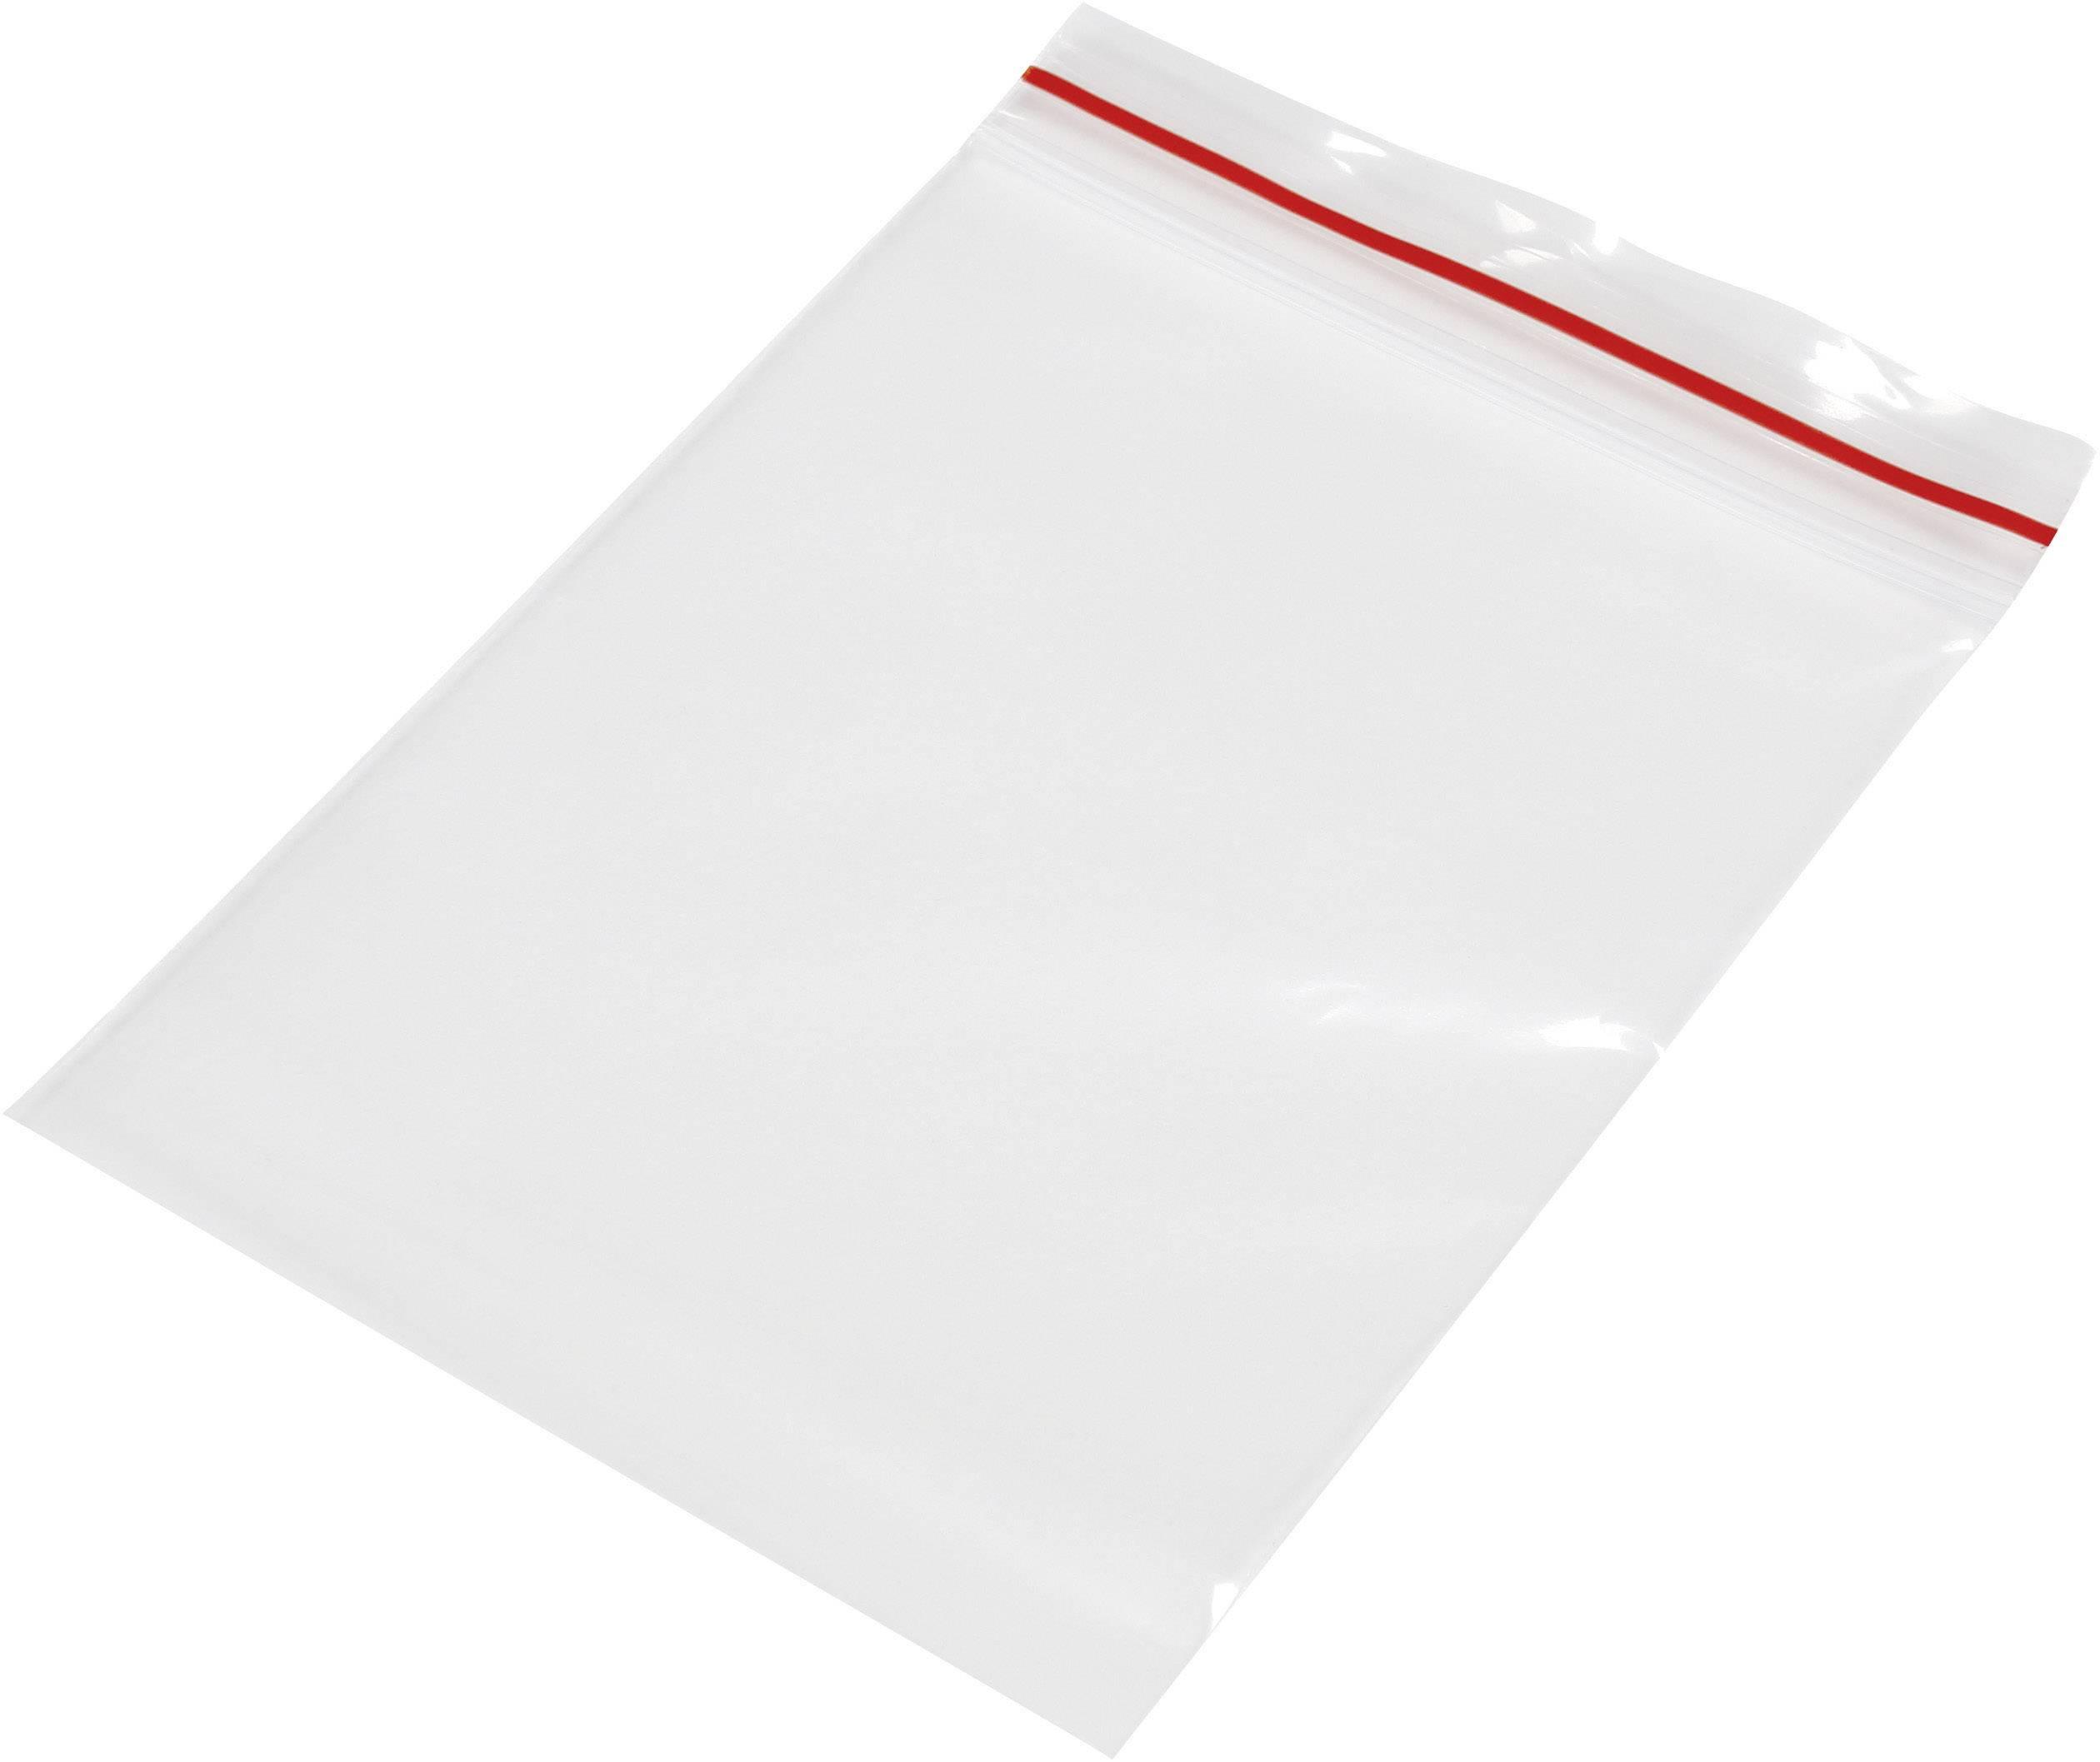 ziplock vrečka brez trakov za označevanje (Š x V) 100 mm x 150 mm transparentna polietilen